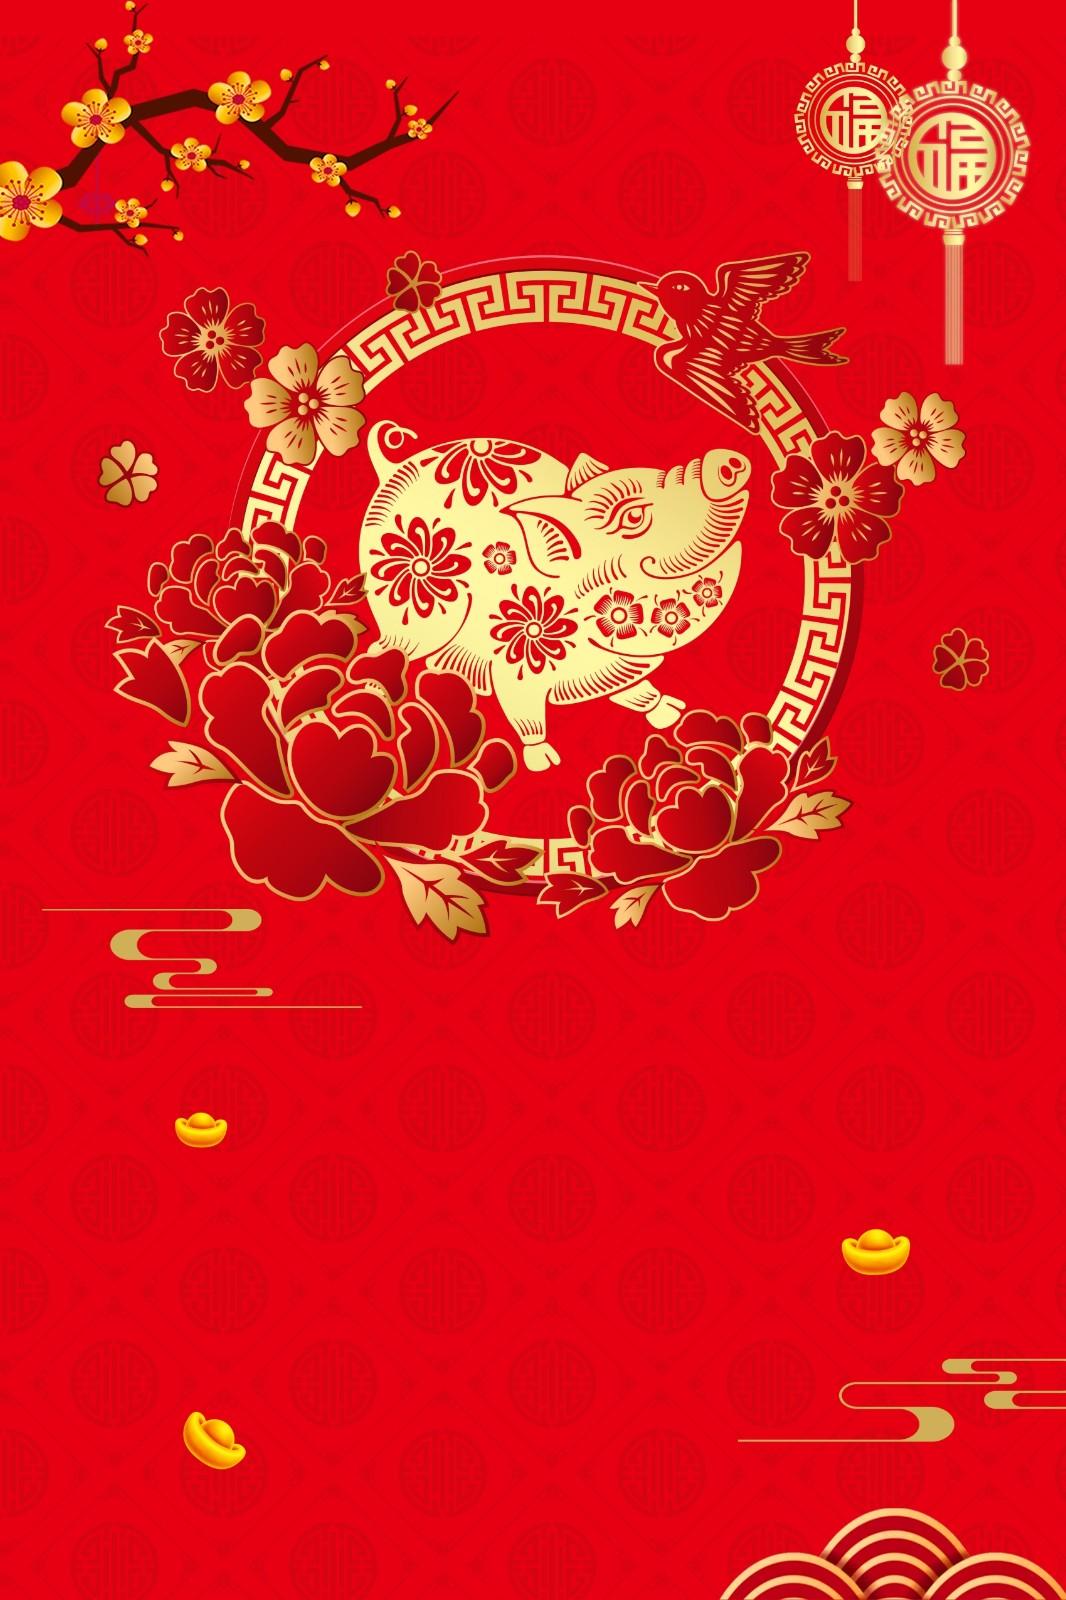 2019年喜庆猪年海报背景